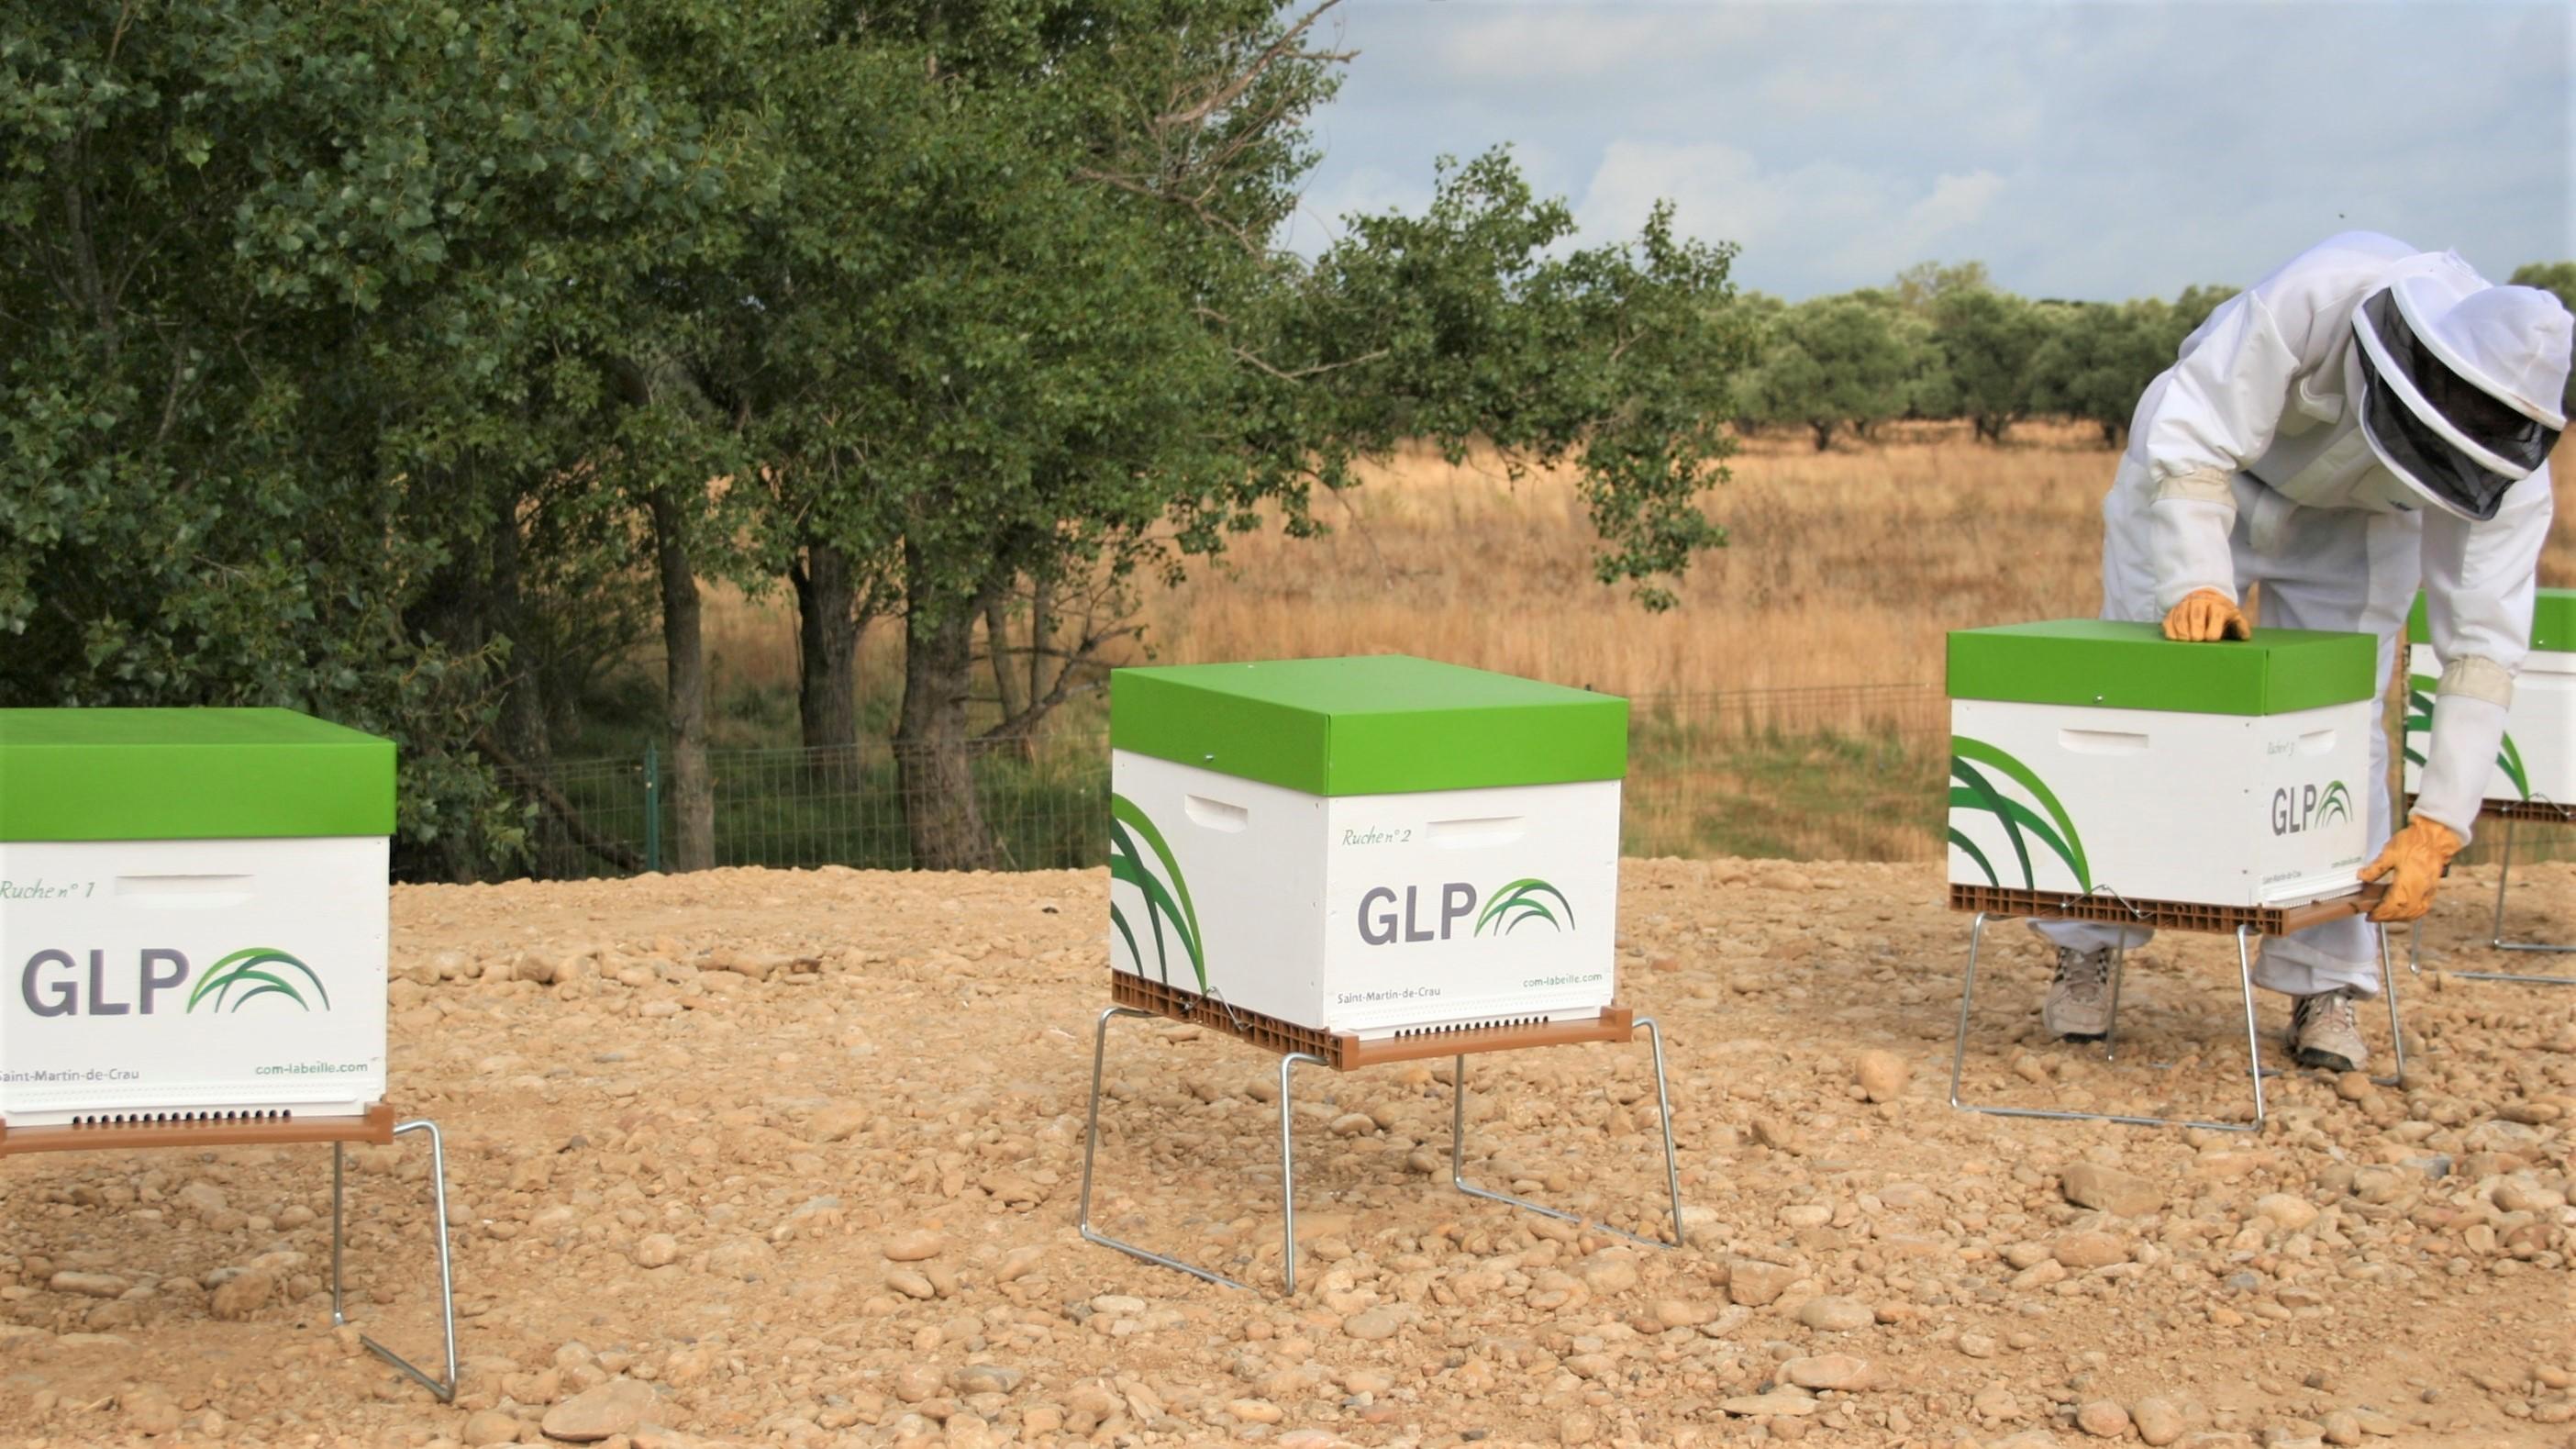 Installation Rucher GLP sur site 1-2